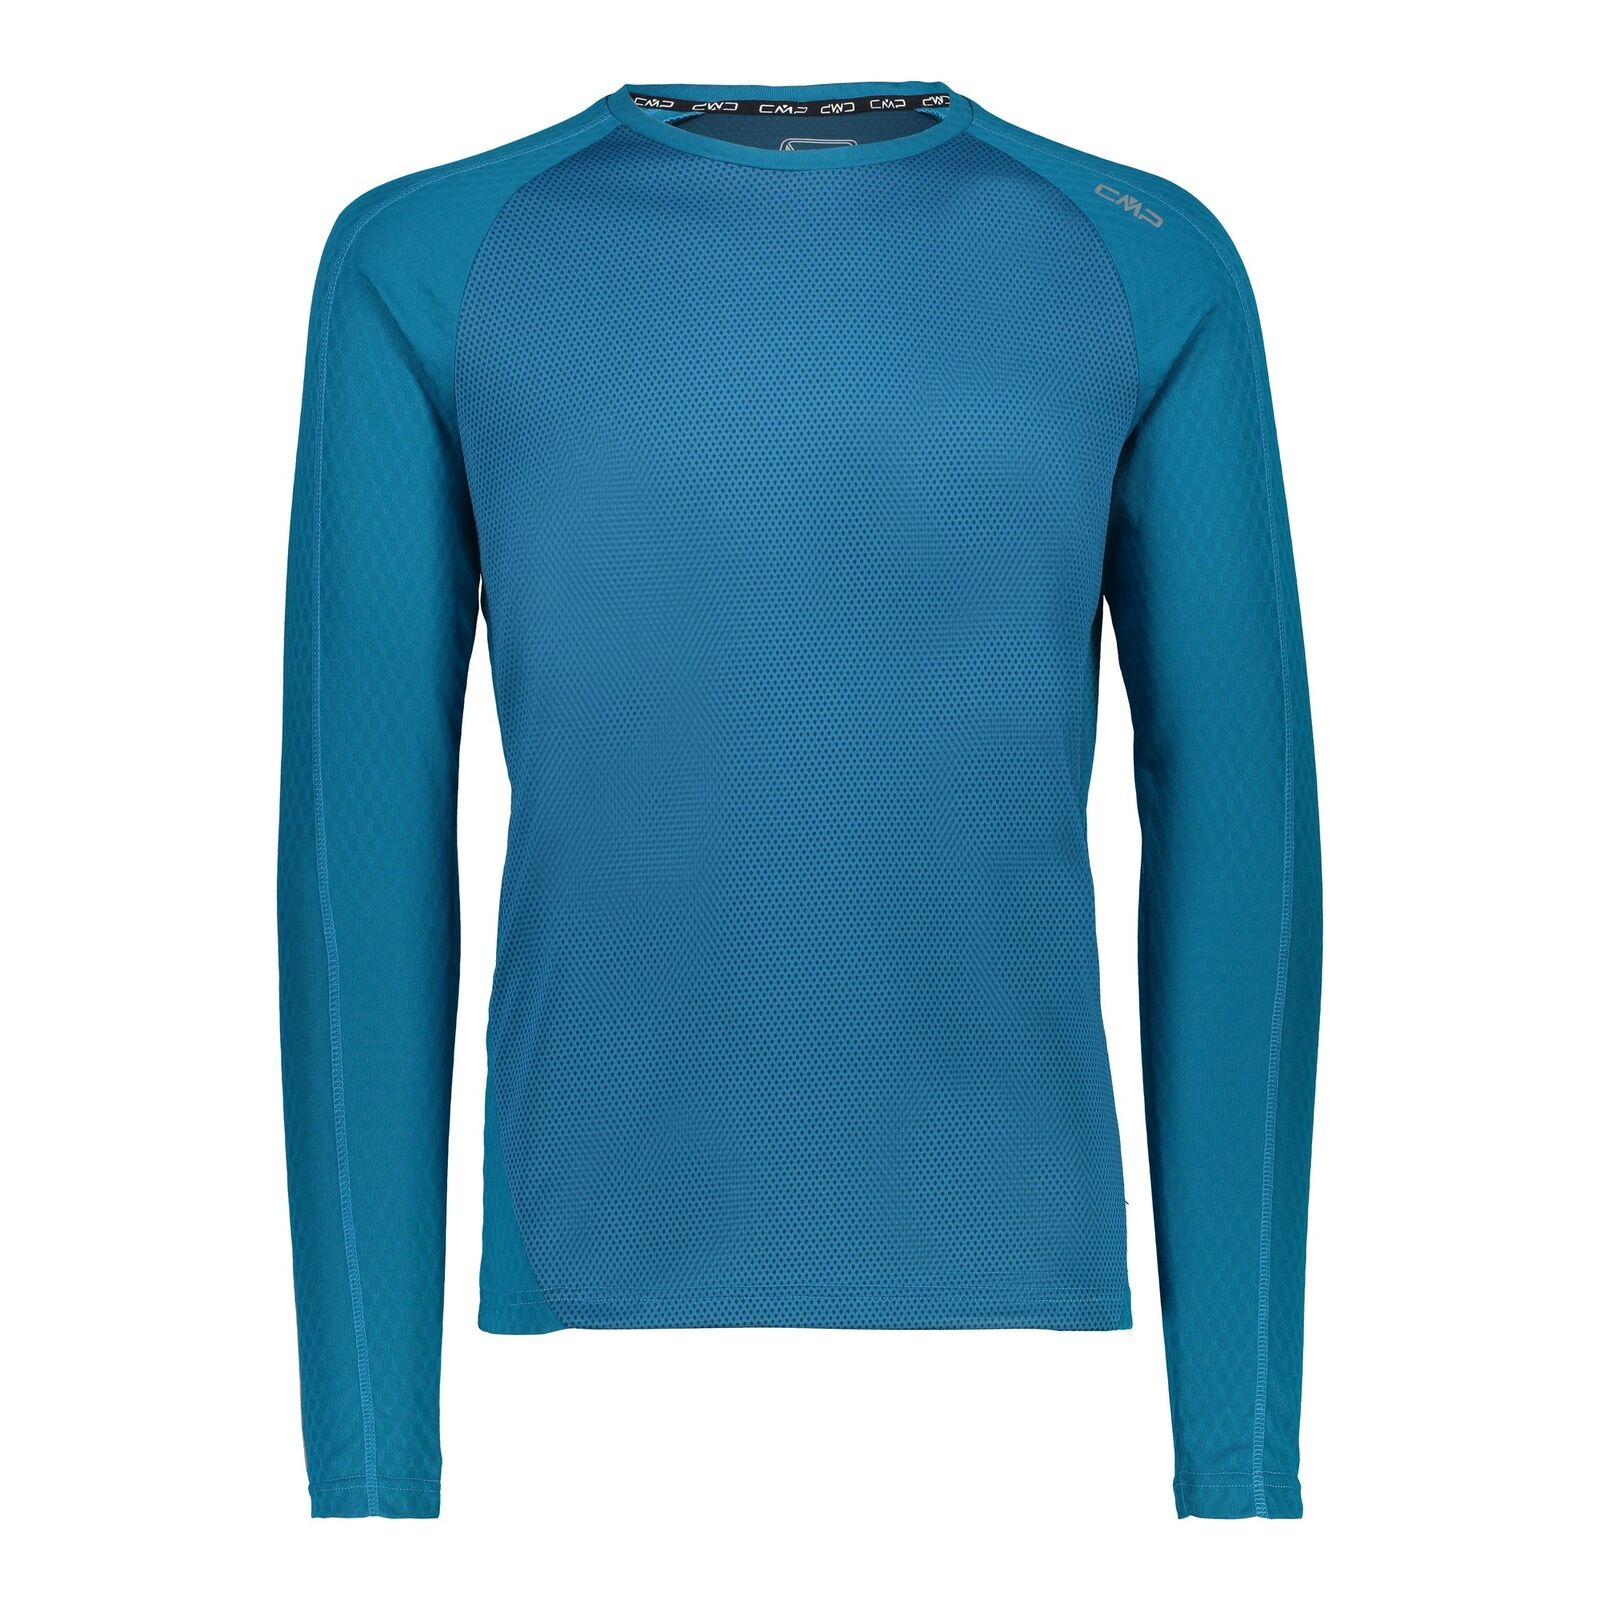 CMP Maglietta Funzionale Shirt  Man Maglietta bluee Traspirante Elastico  supply quality product